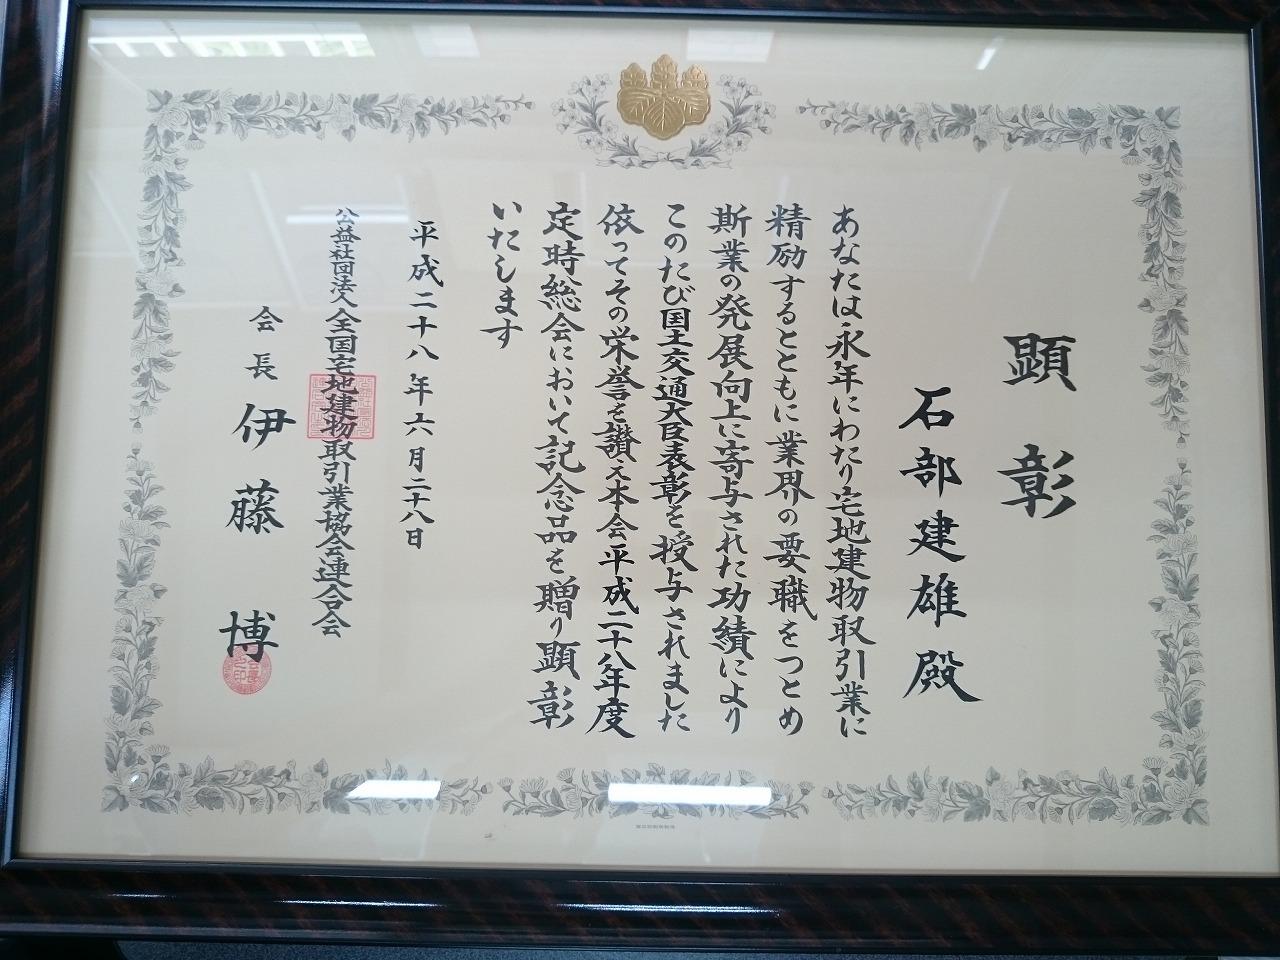 平成28年 全国宅地建物取引業協会連合会顕彰